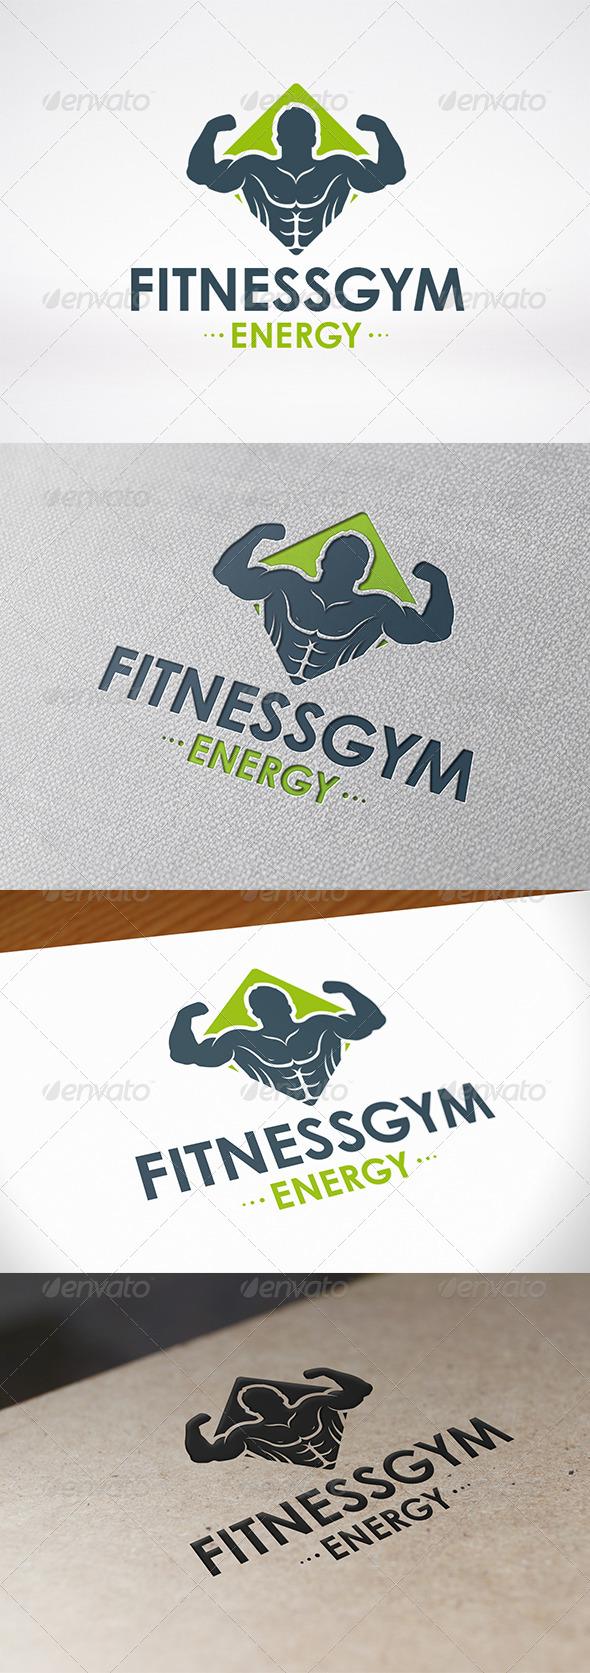 GraphicRiver Fitness Gym Logo Template 6785698